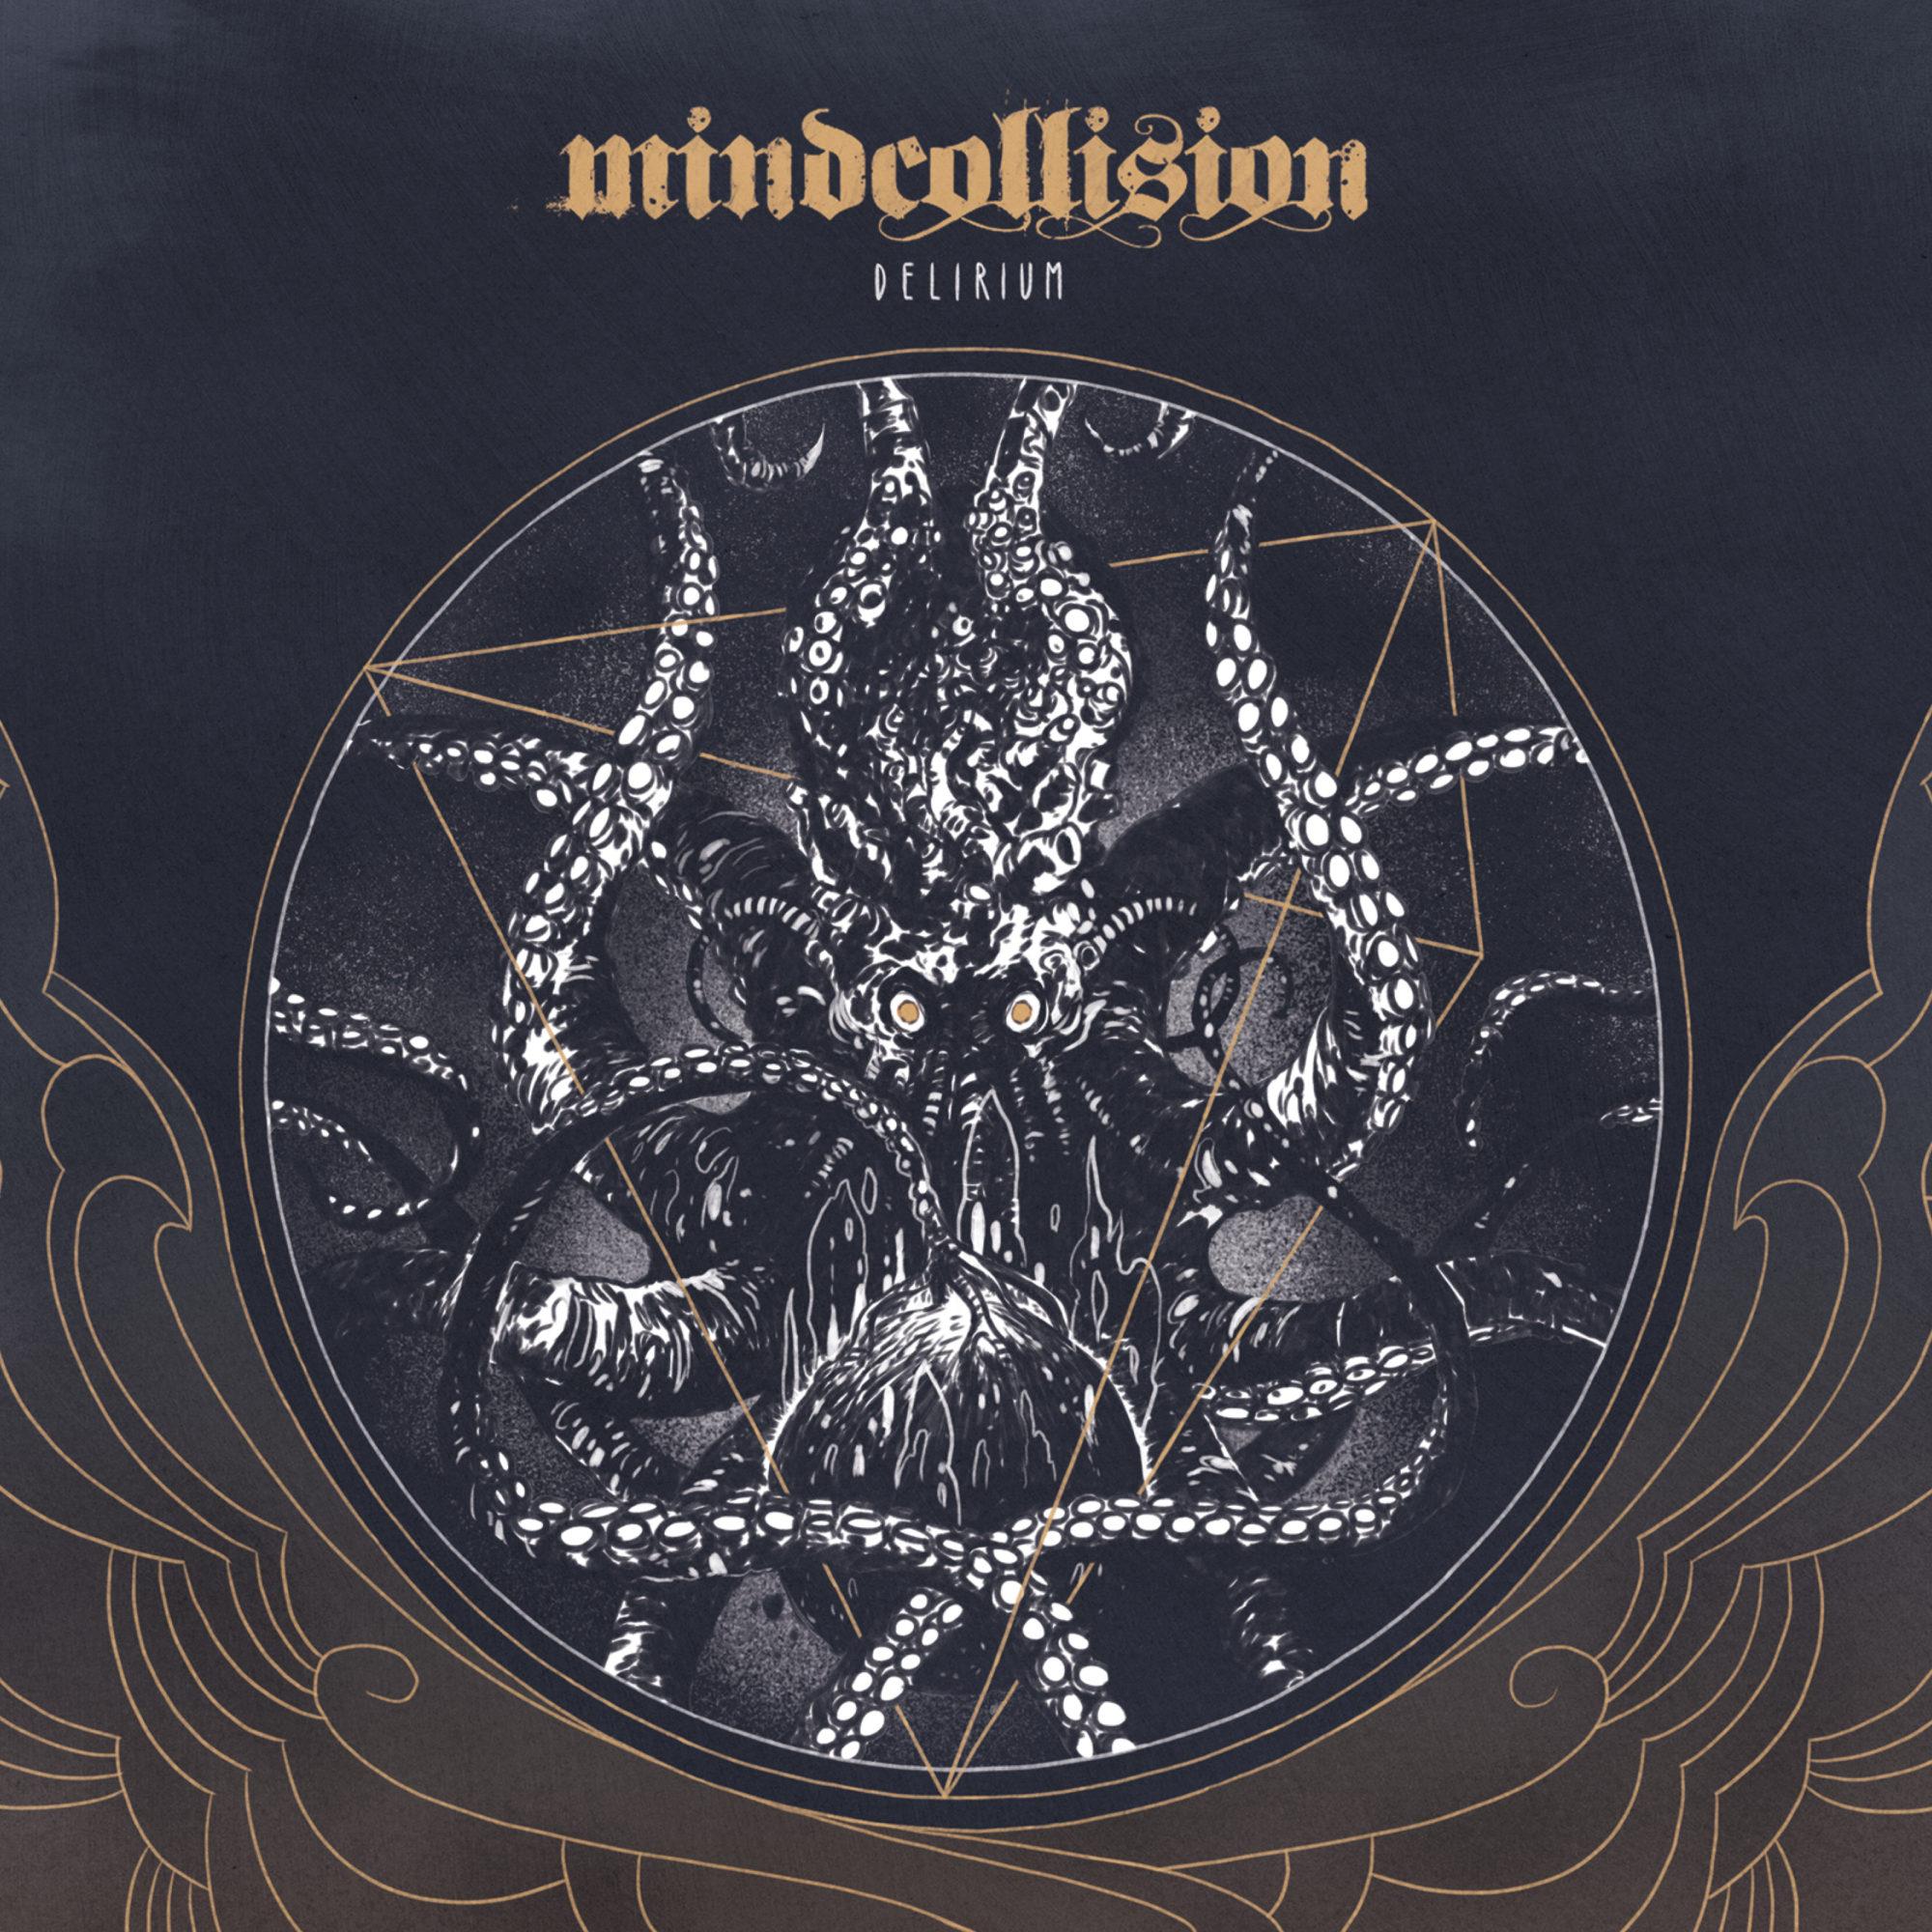 Mindcollision - Delirium - 2019